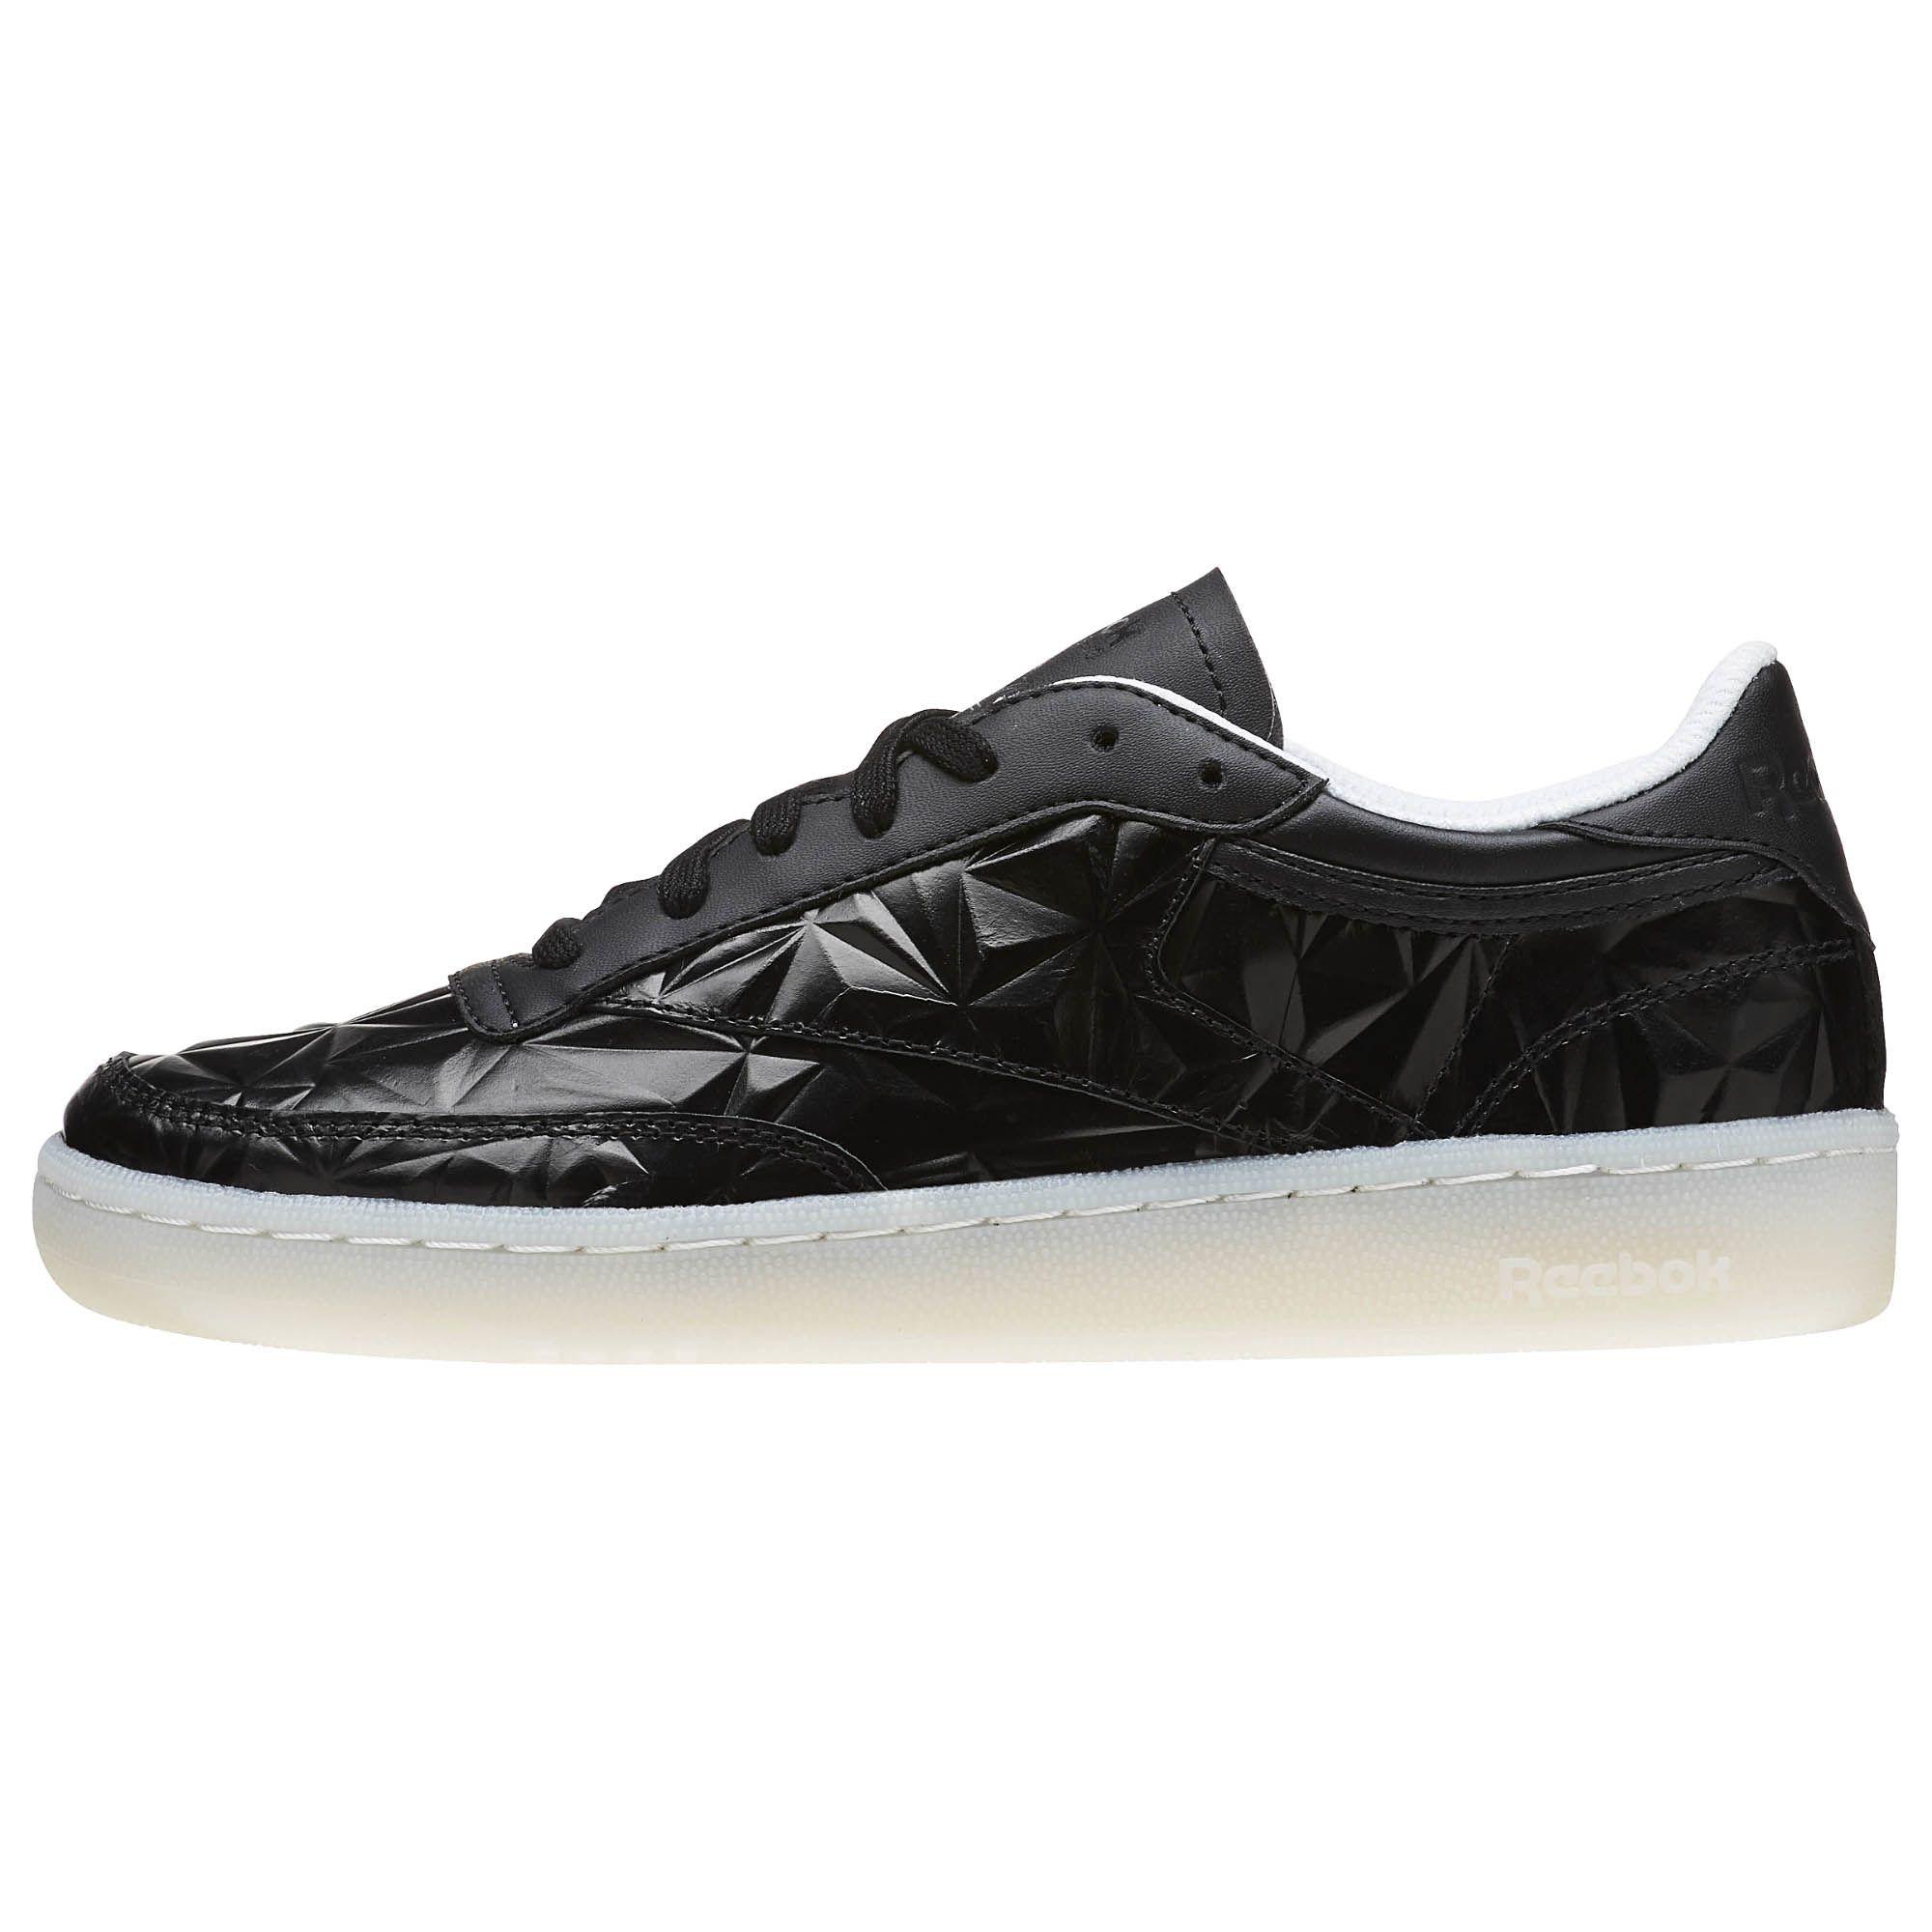 خرید کفش زنانه ریباک مدل club c 85 کد BD4889